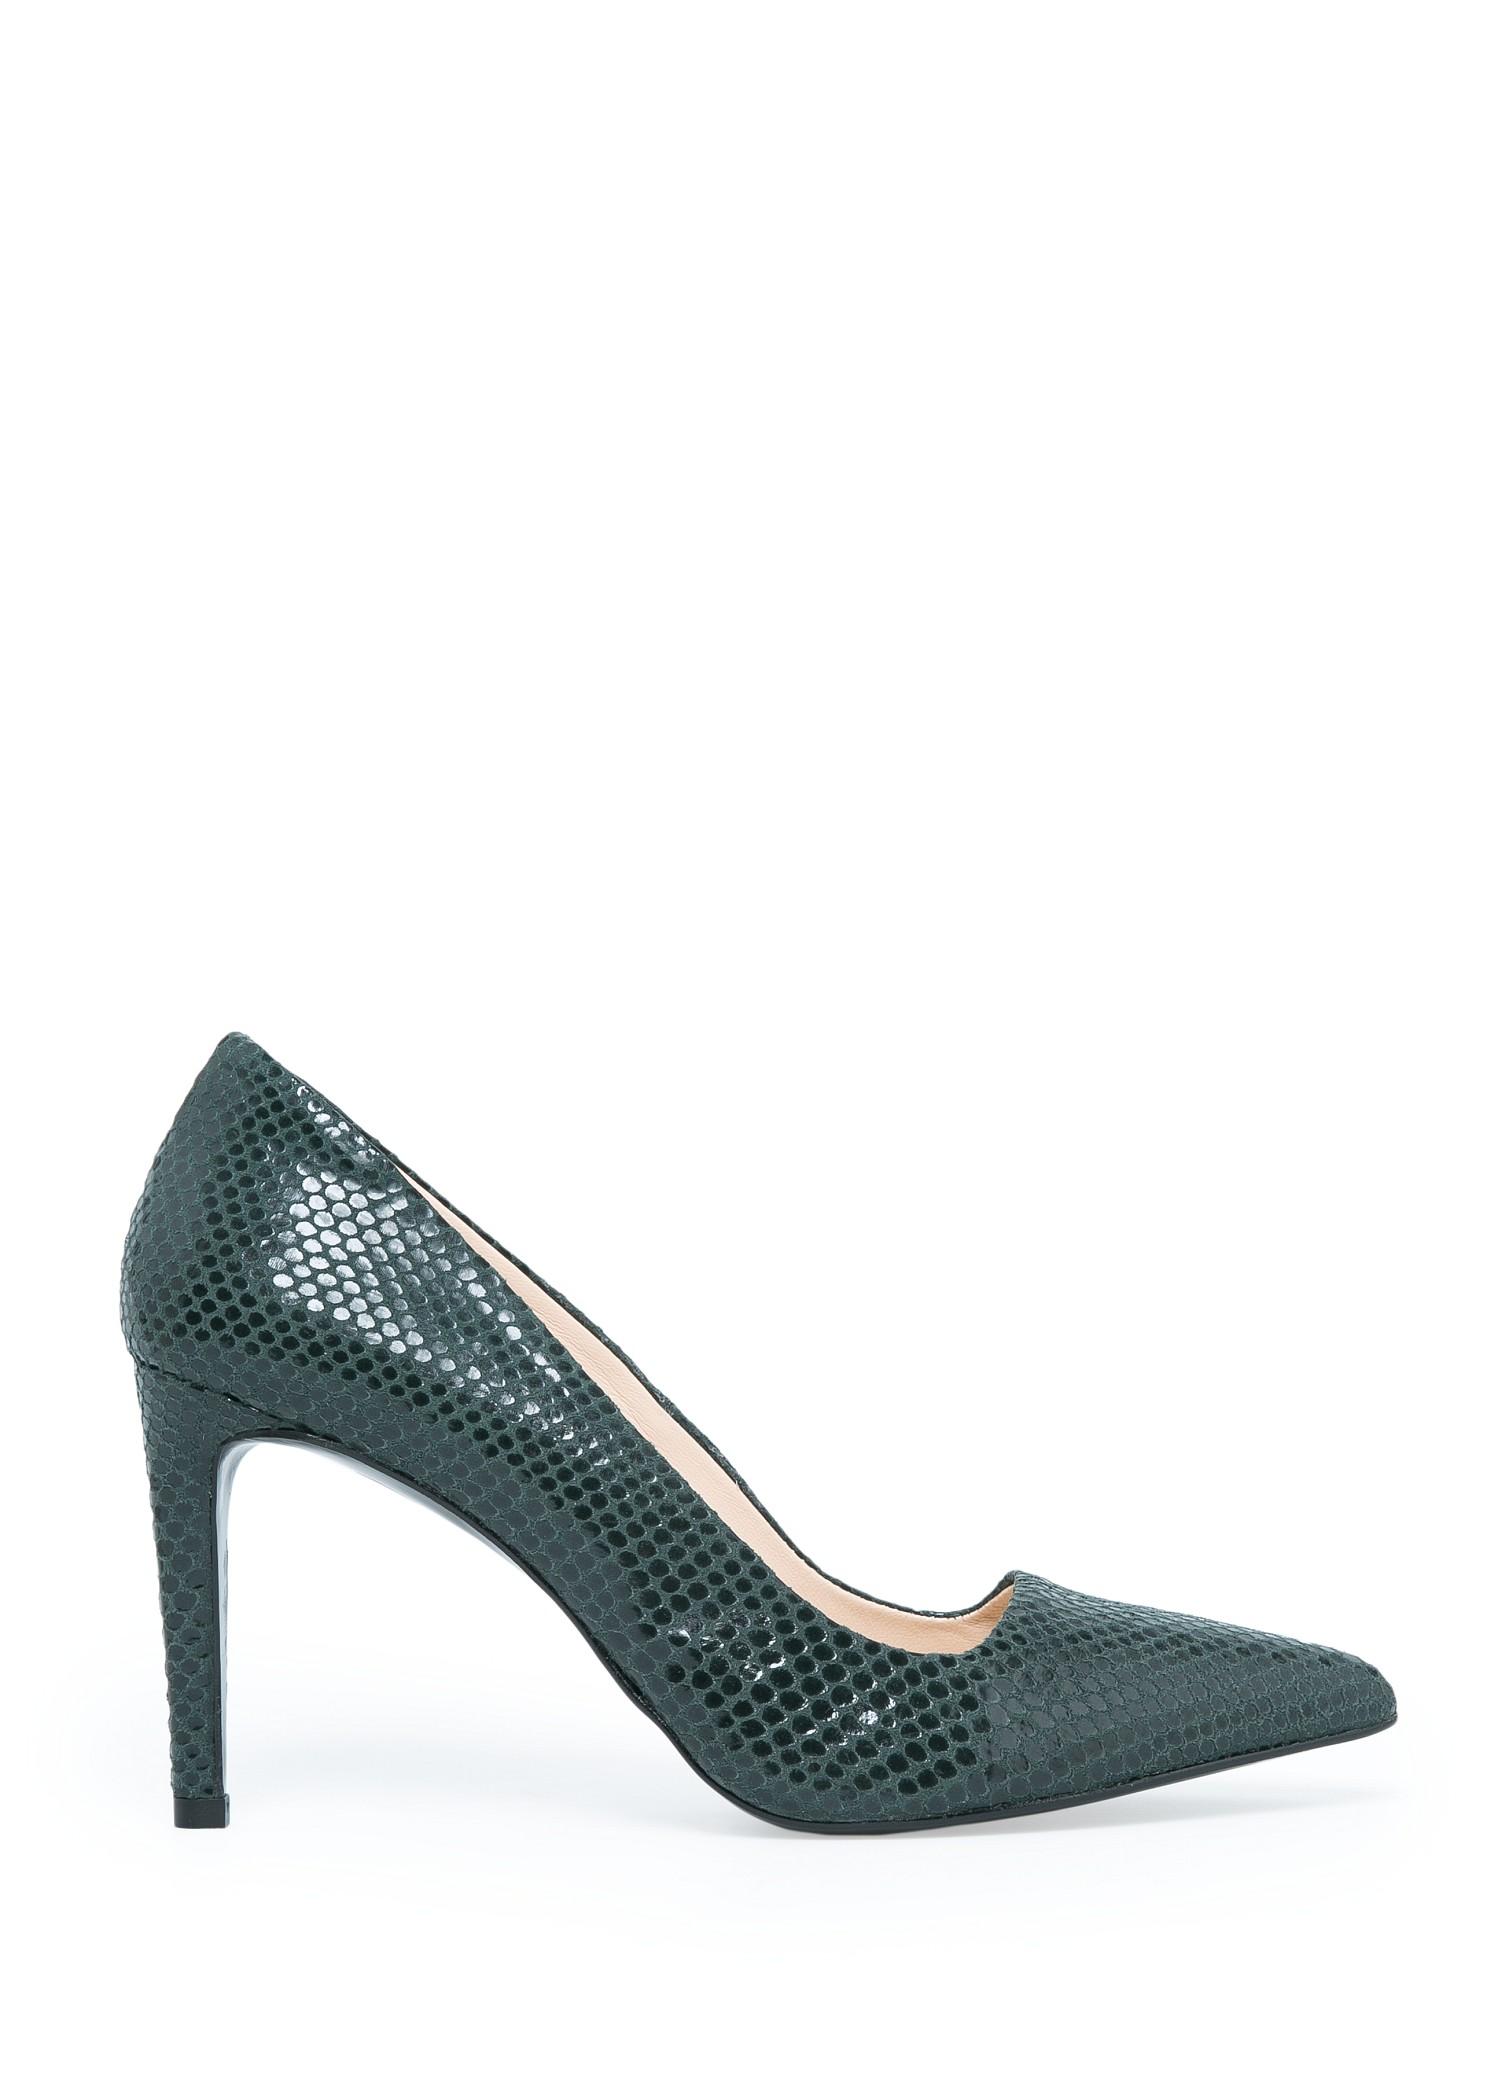 Zapato serpiente piel - Calzado de Mujer | MANGO